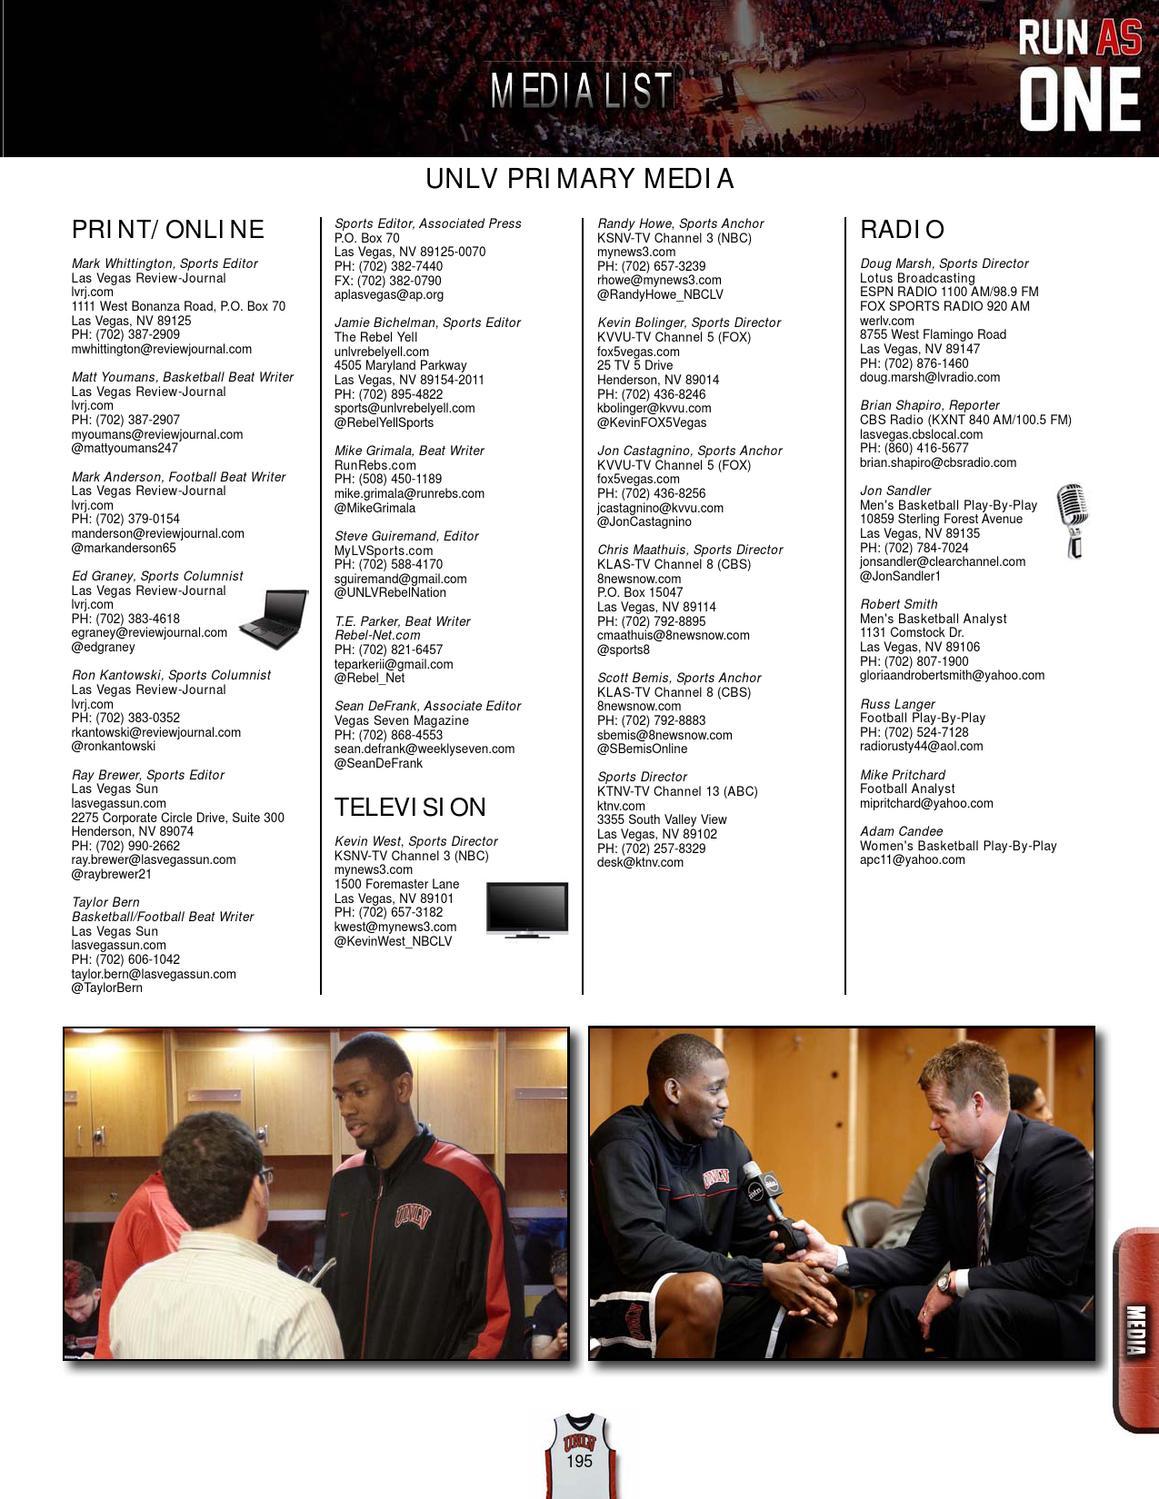 2012-13 UNLV Men's Basketball Media Guide by UNLV Sports